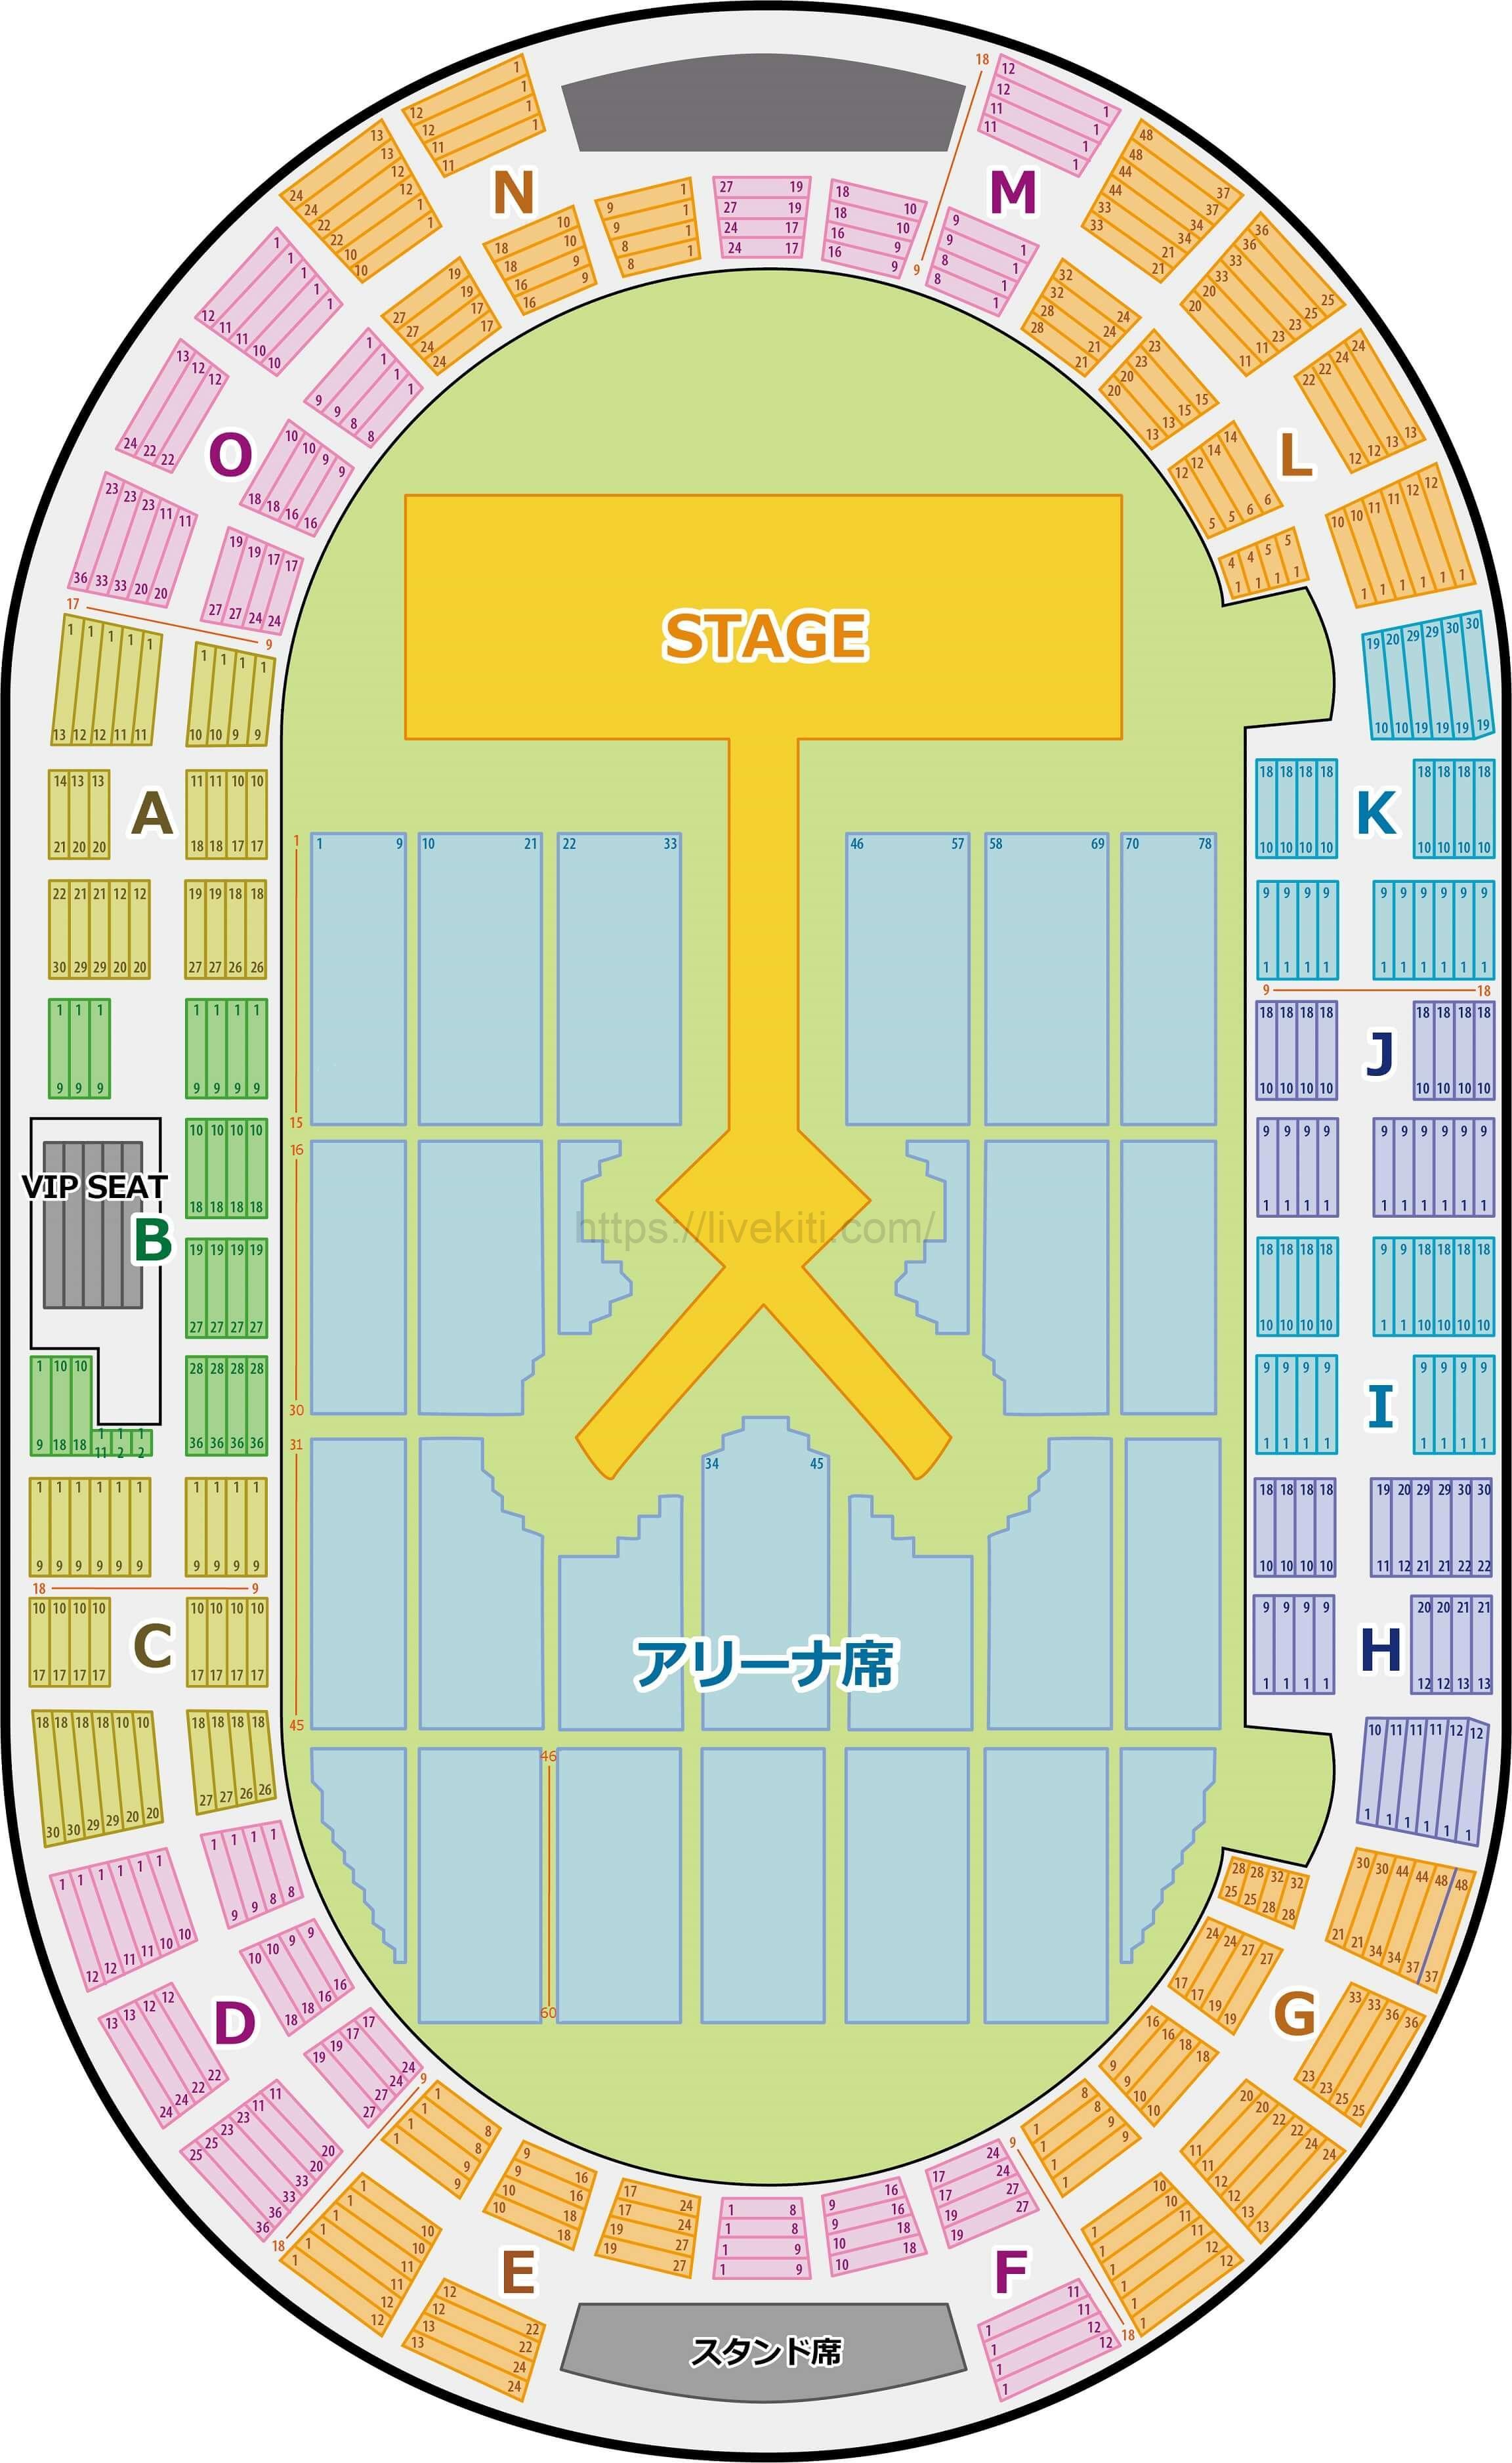 神戸ワールド記念ホール 座席表花道あり